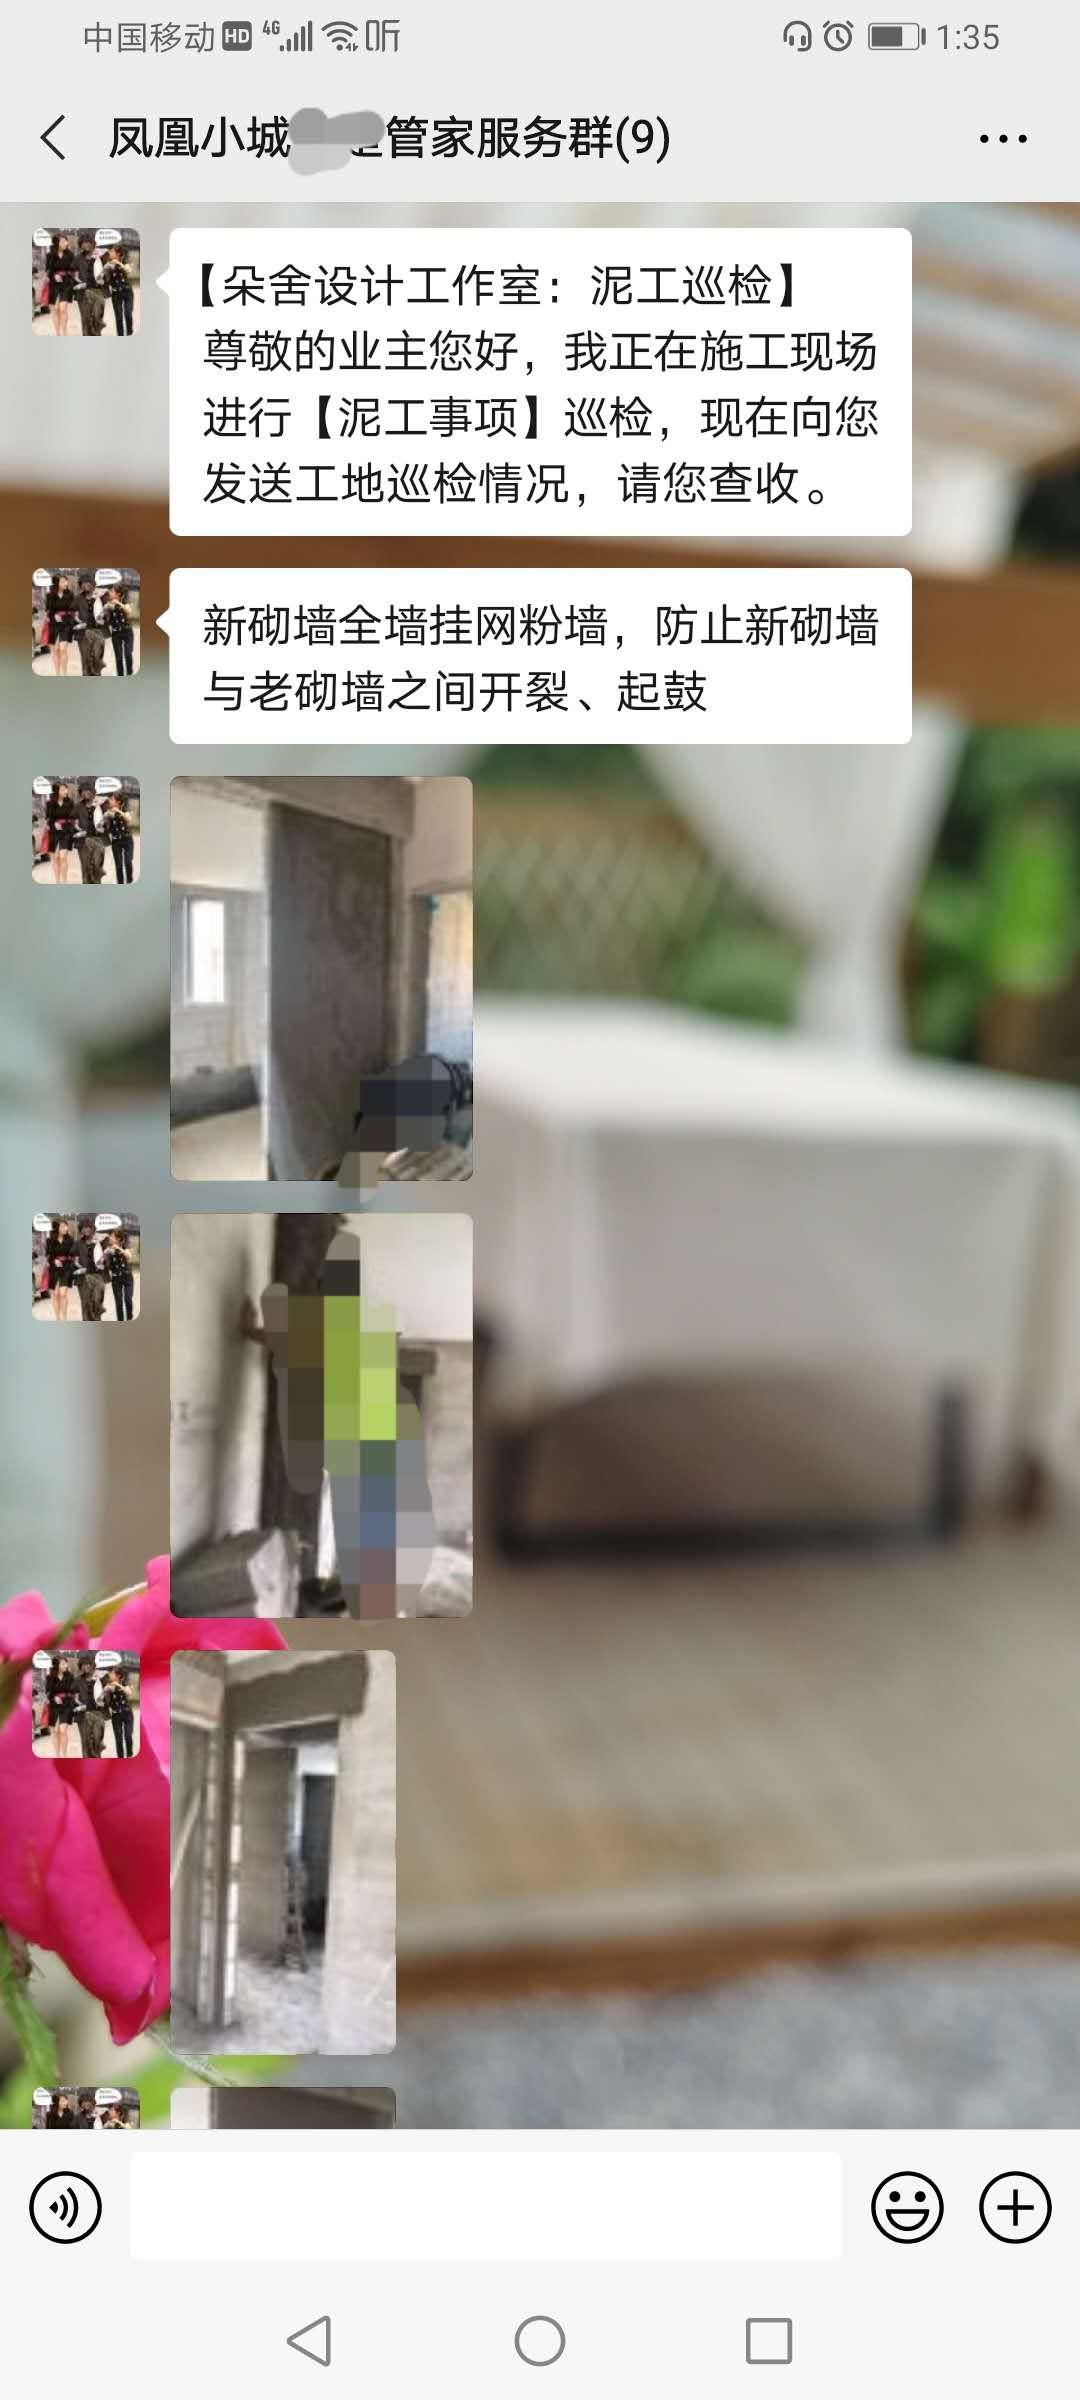 微信图片_202010201354054.jpg